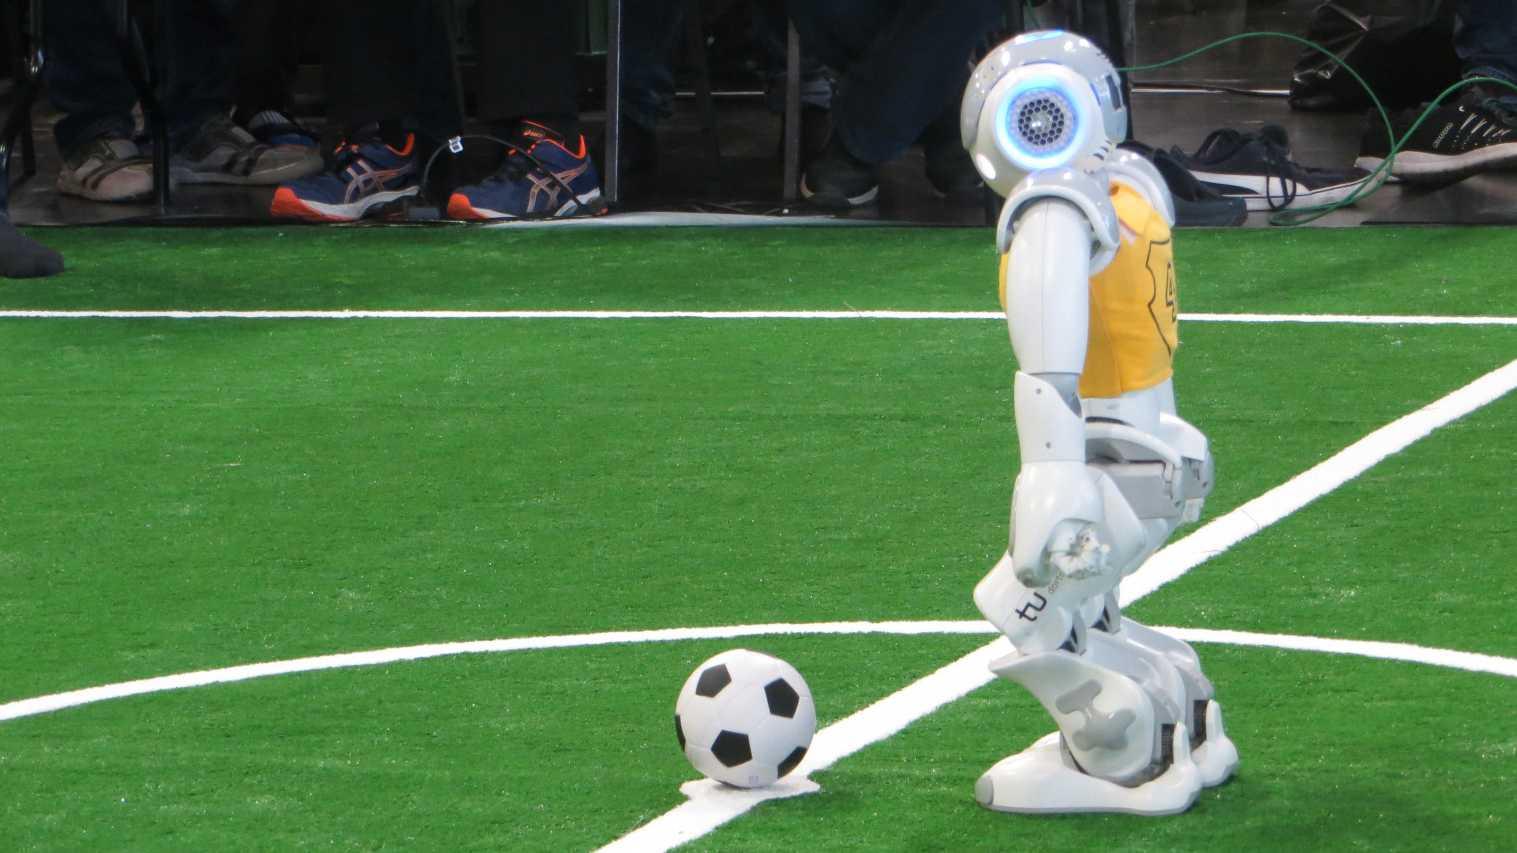 RoboCup German Open: Neue Arbeitsmoral, Kunstrasen und andere Herausforderungen